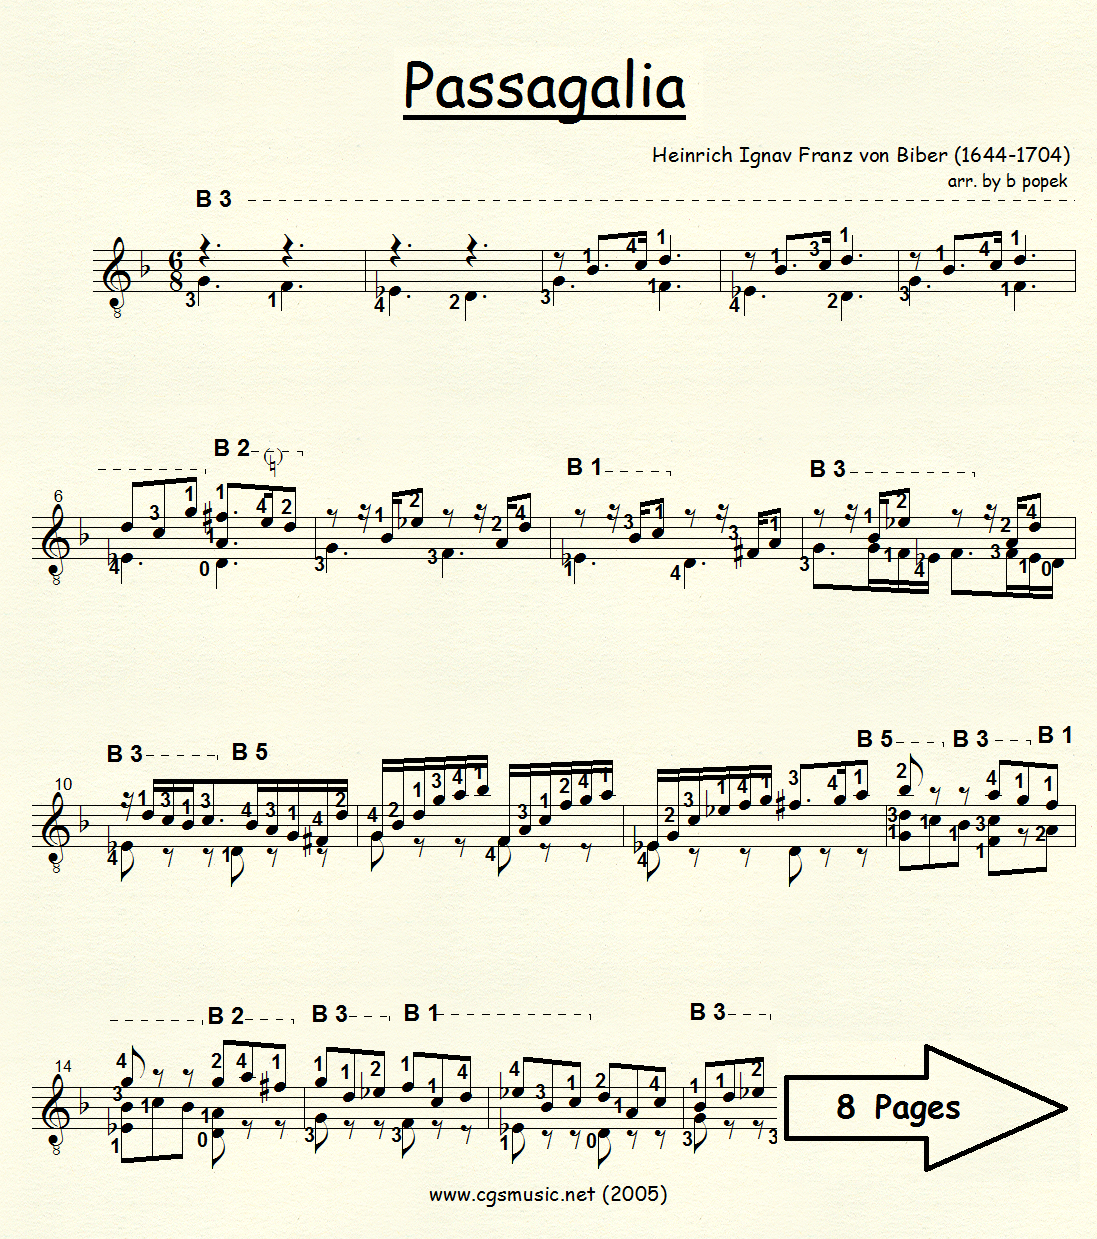 Passagalia (Biber) for Classical Guitar in Standard Notation